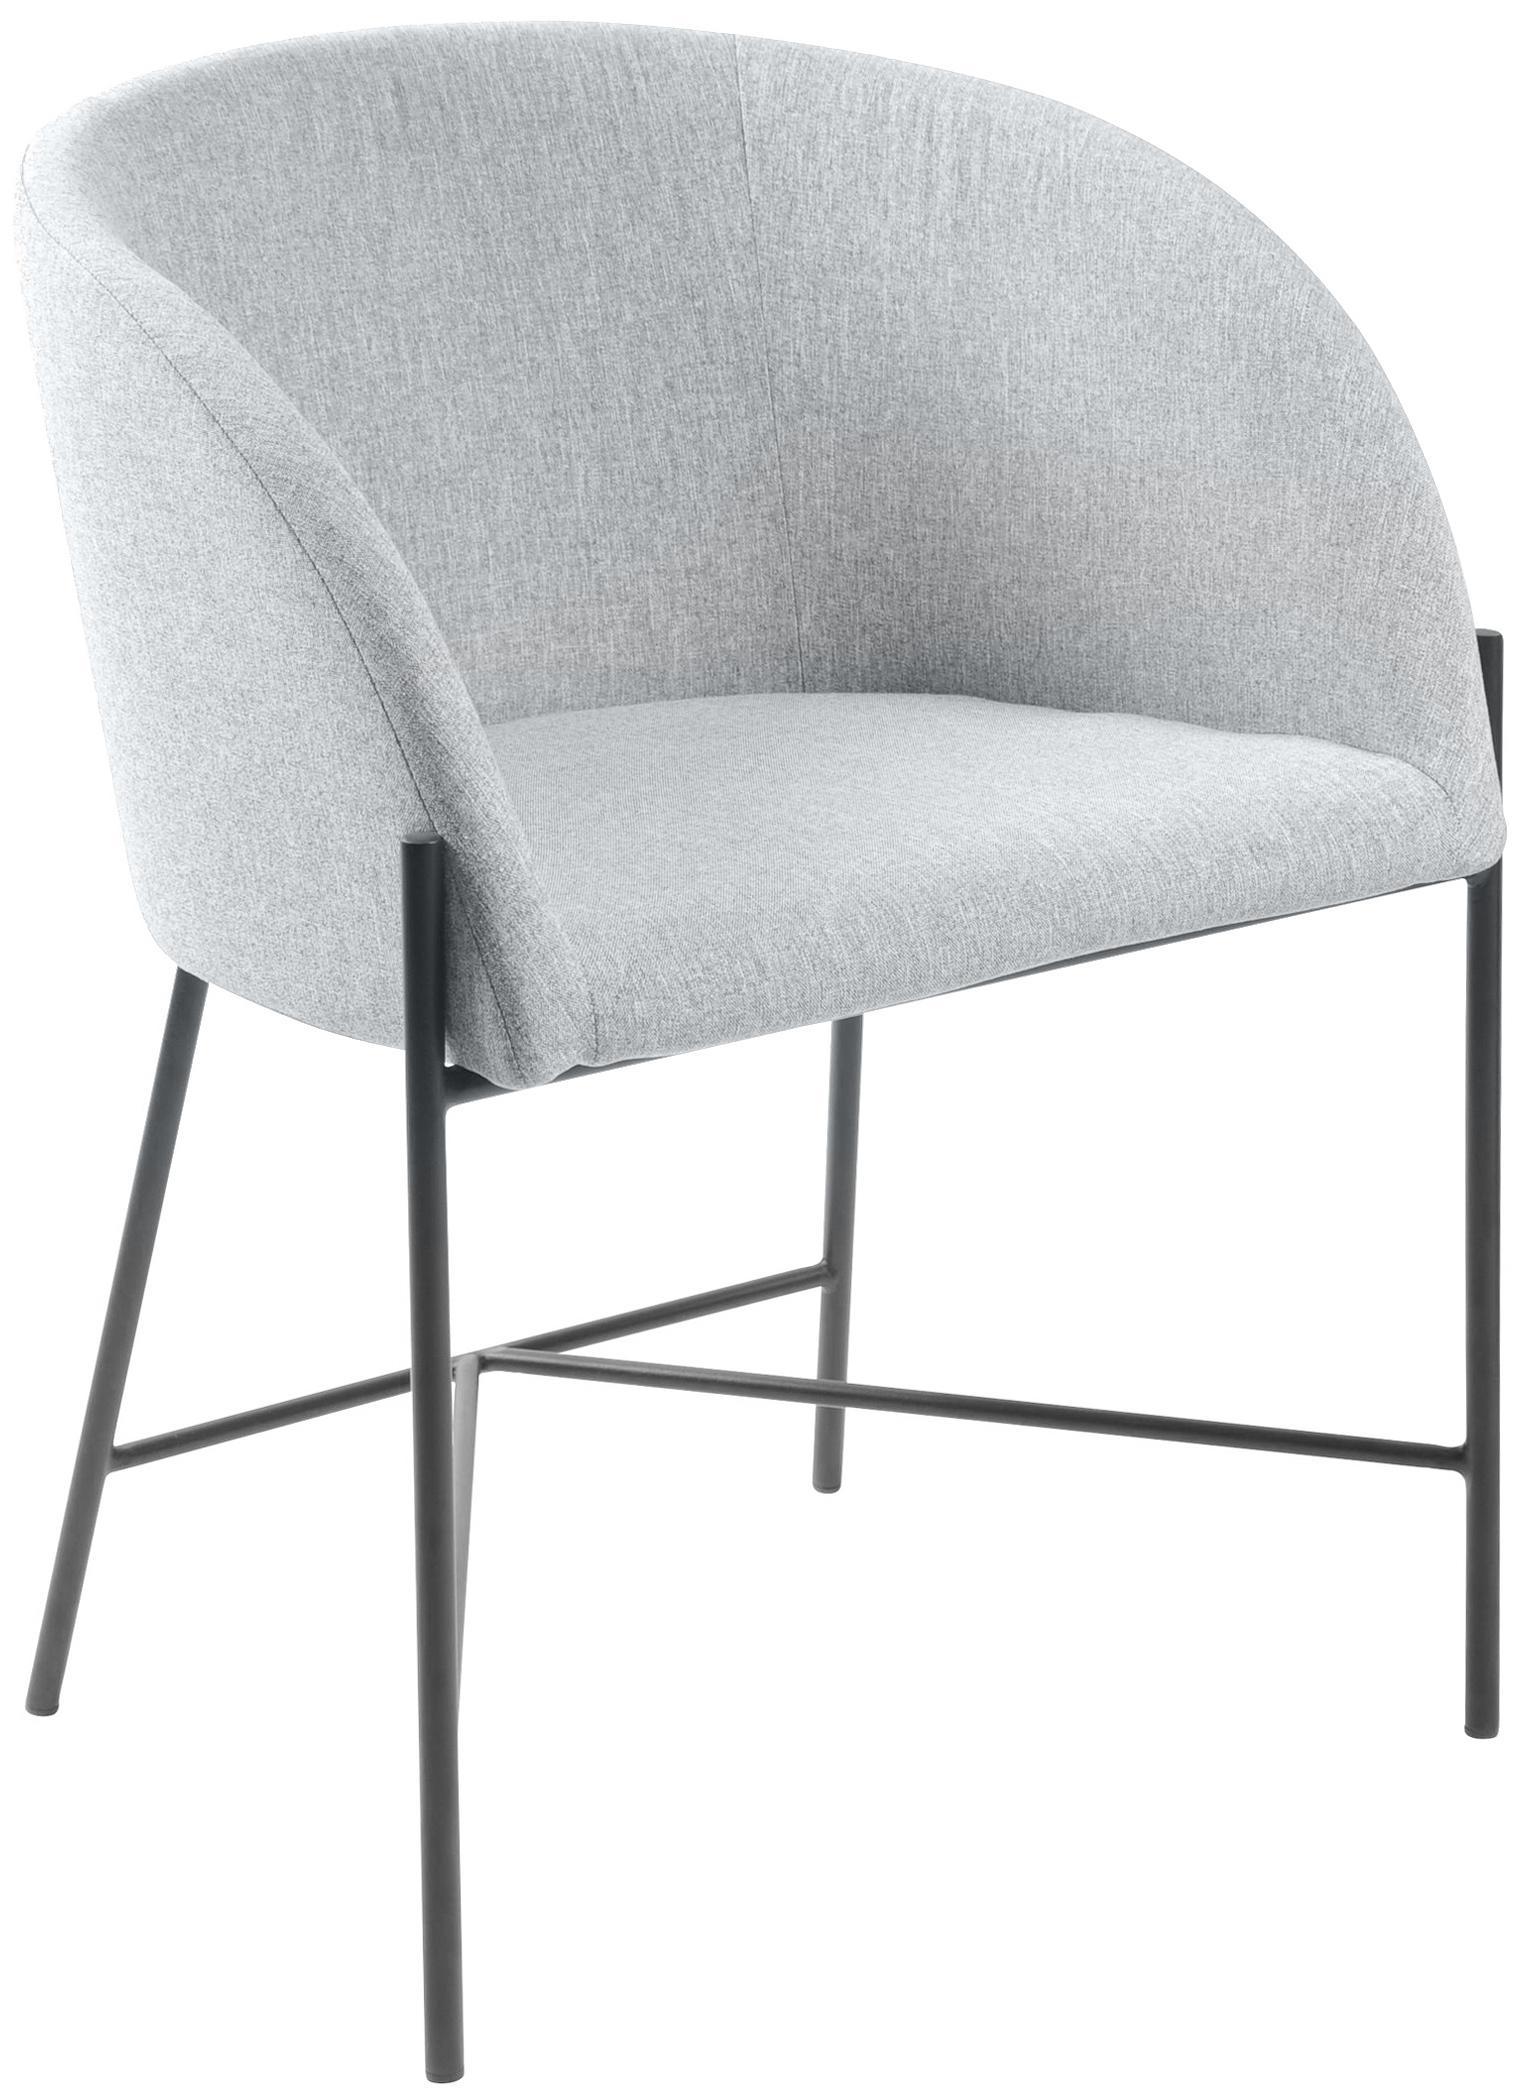 Sedia con braccioli Nelson, Rivestimento: poliestere 25.000 cicli d, Gambe: metallo verniciato, Tessuto grigio chiaro, gambe nero, Larg. 56 x Prof. 54 cm